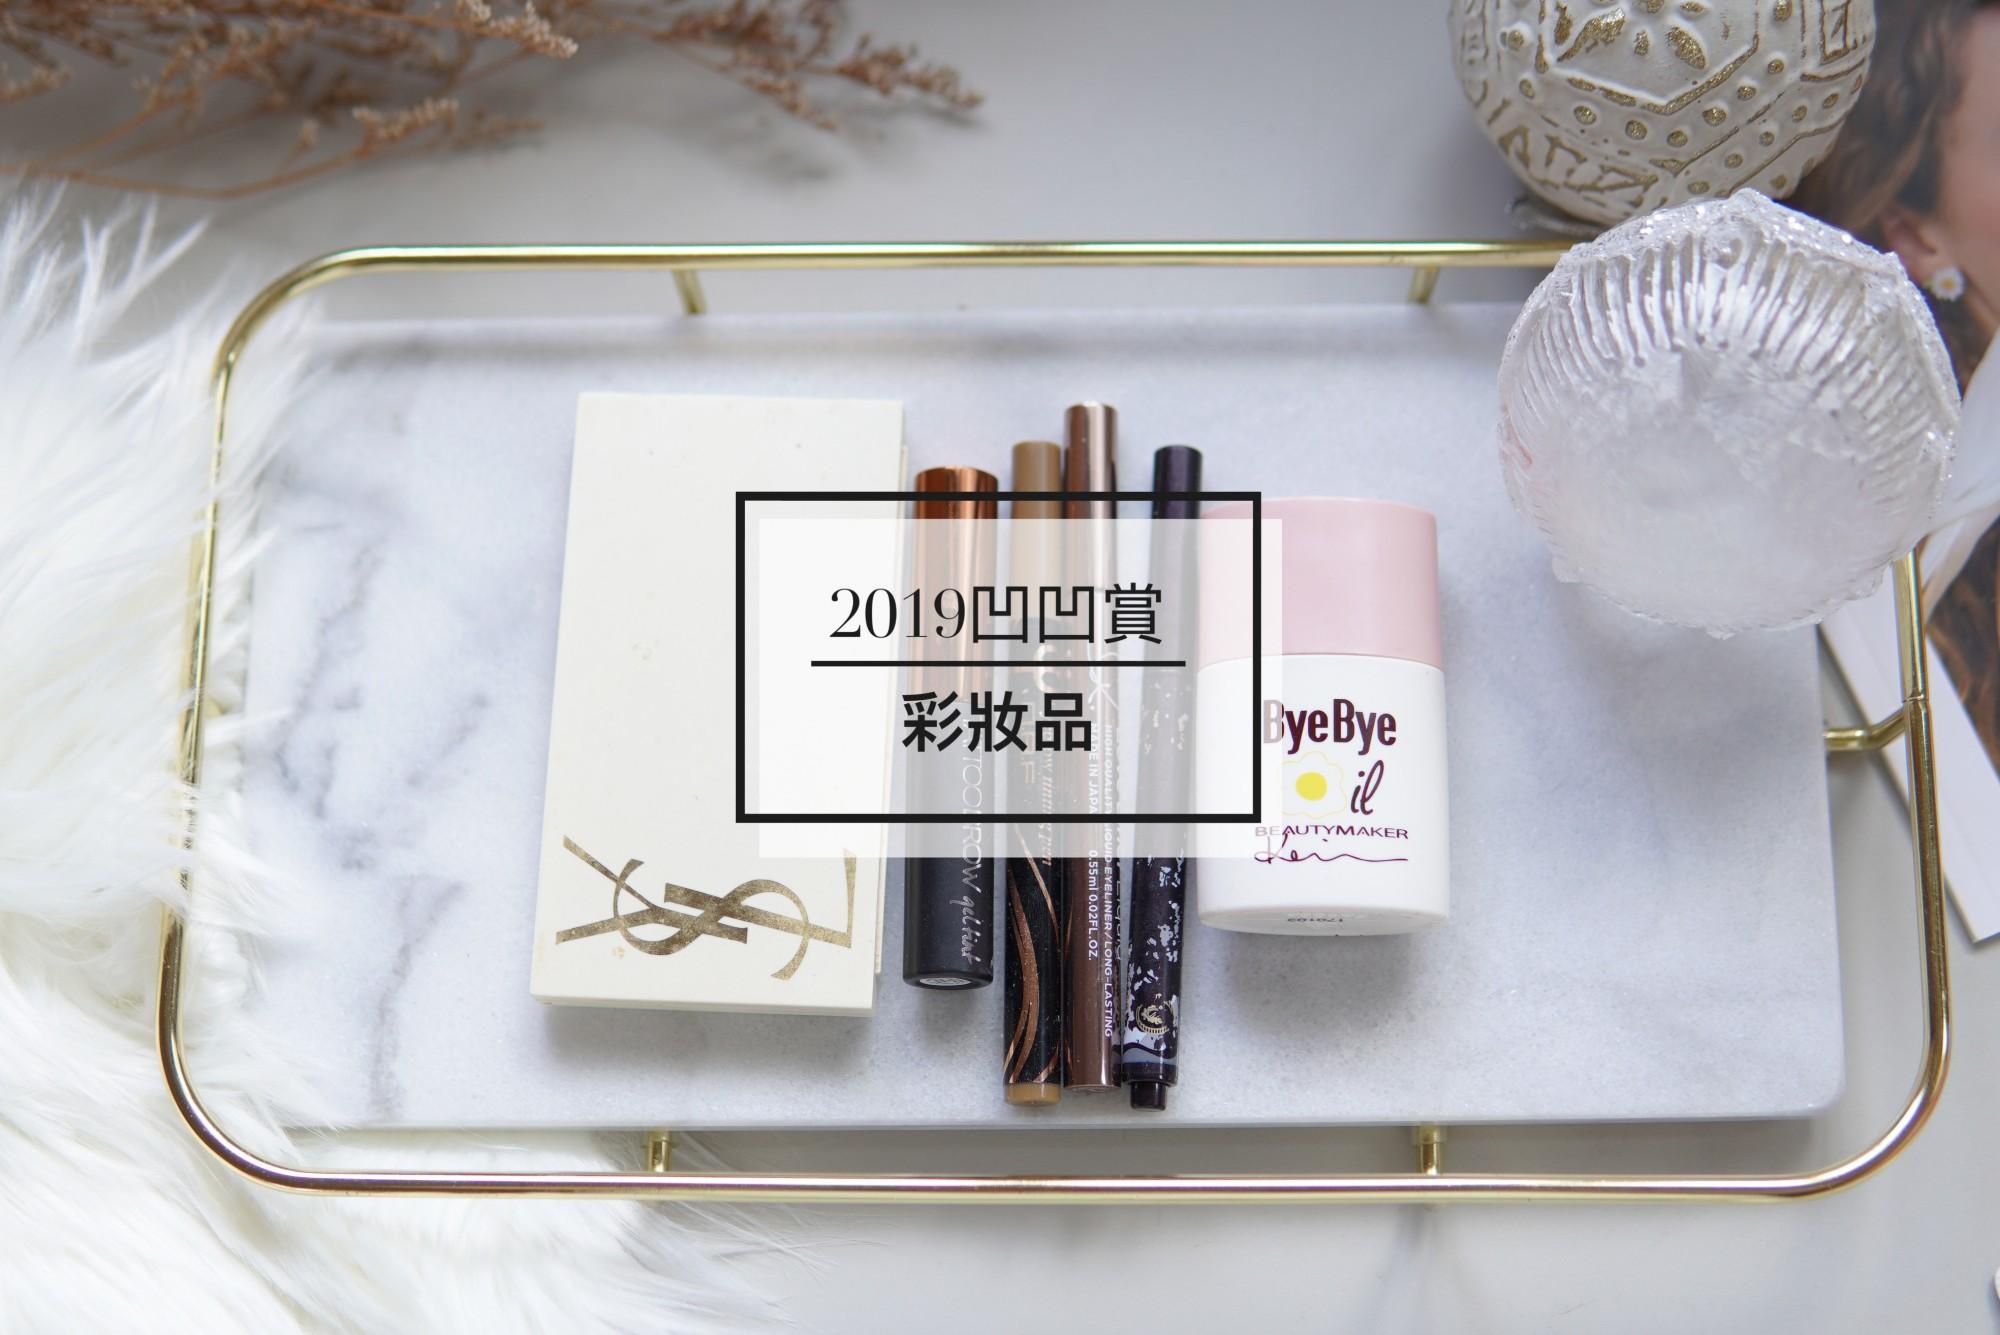 ☆【彩妝】凱的2019凹凹賞-彩妝篇 @凱的日本食尚日記